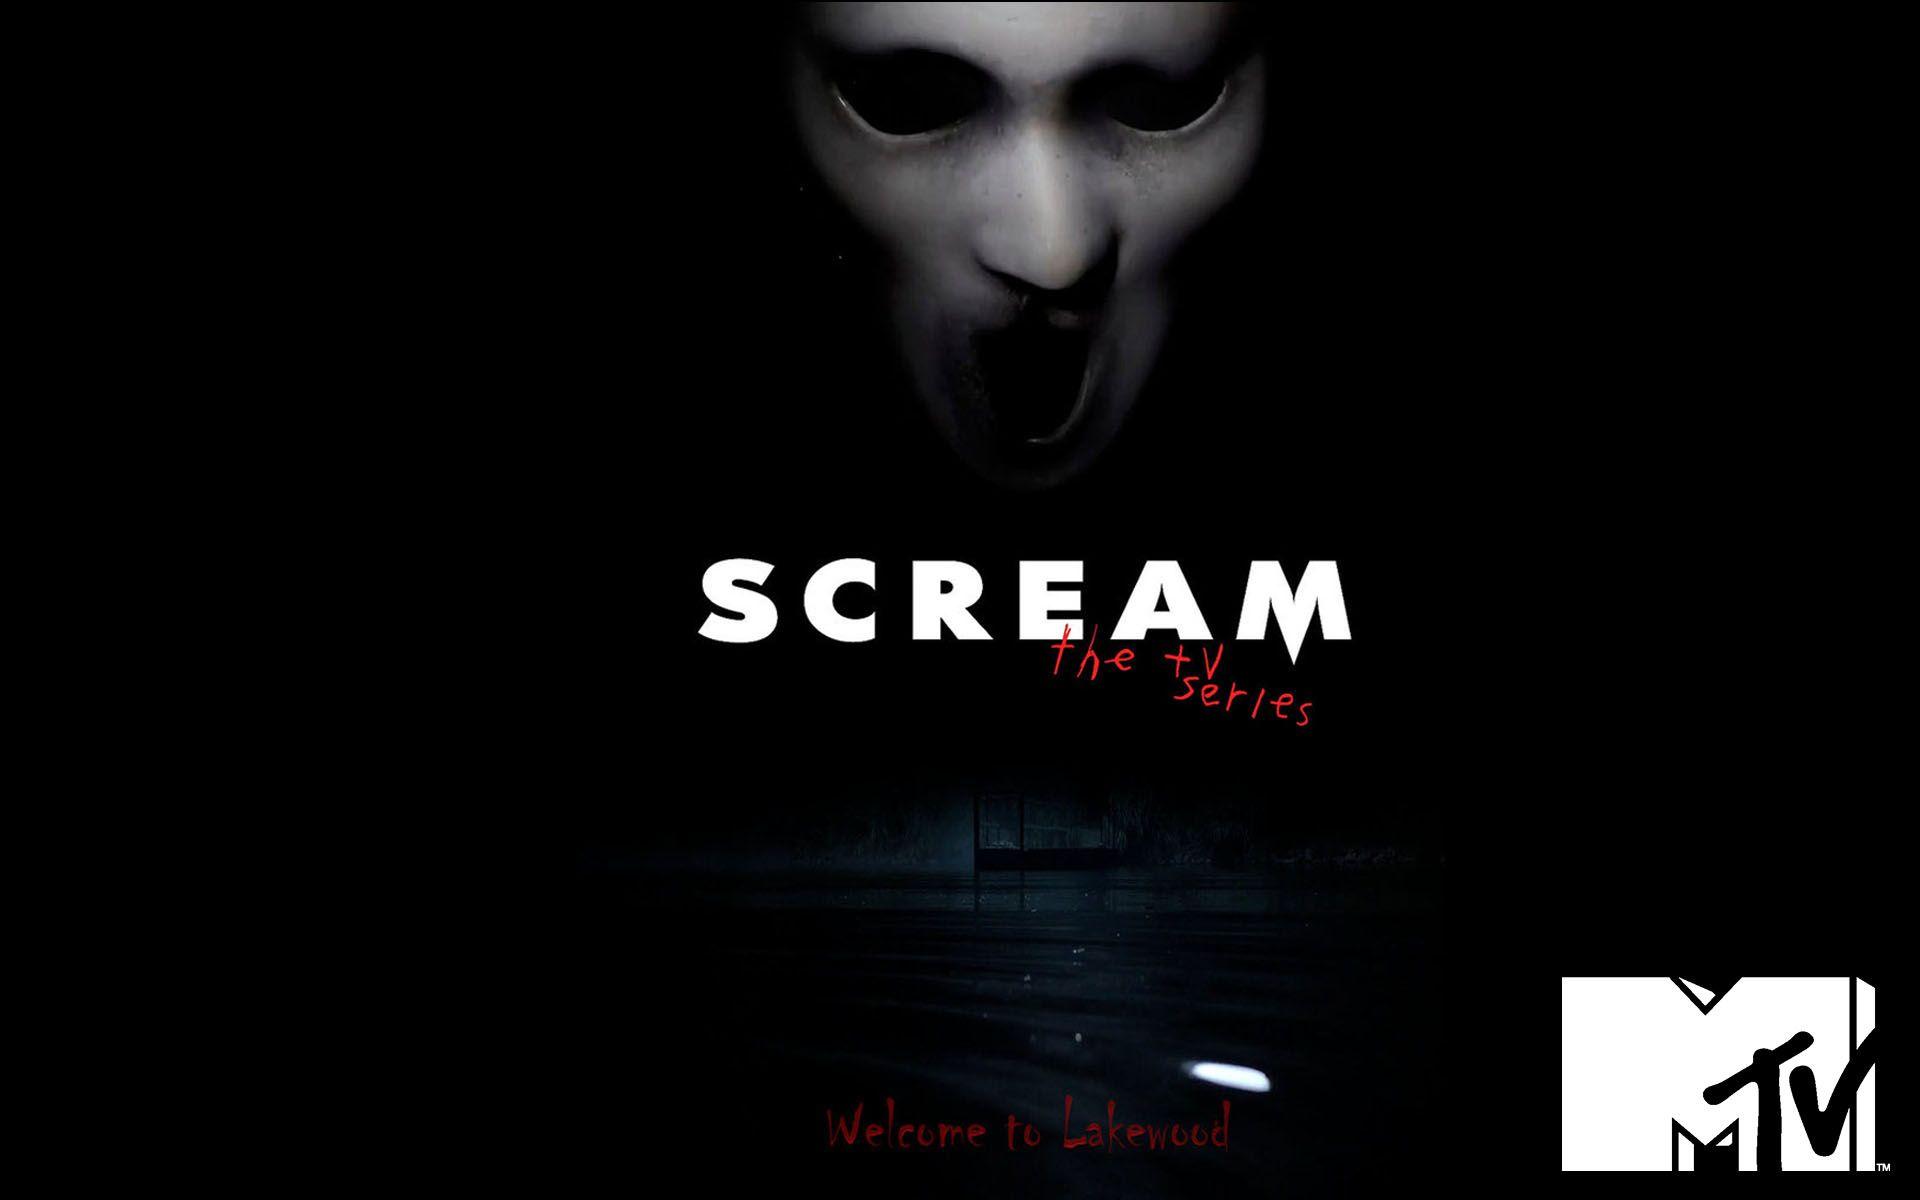 Scream Tv Series Poster Wallpaper